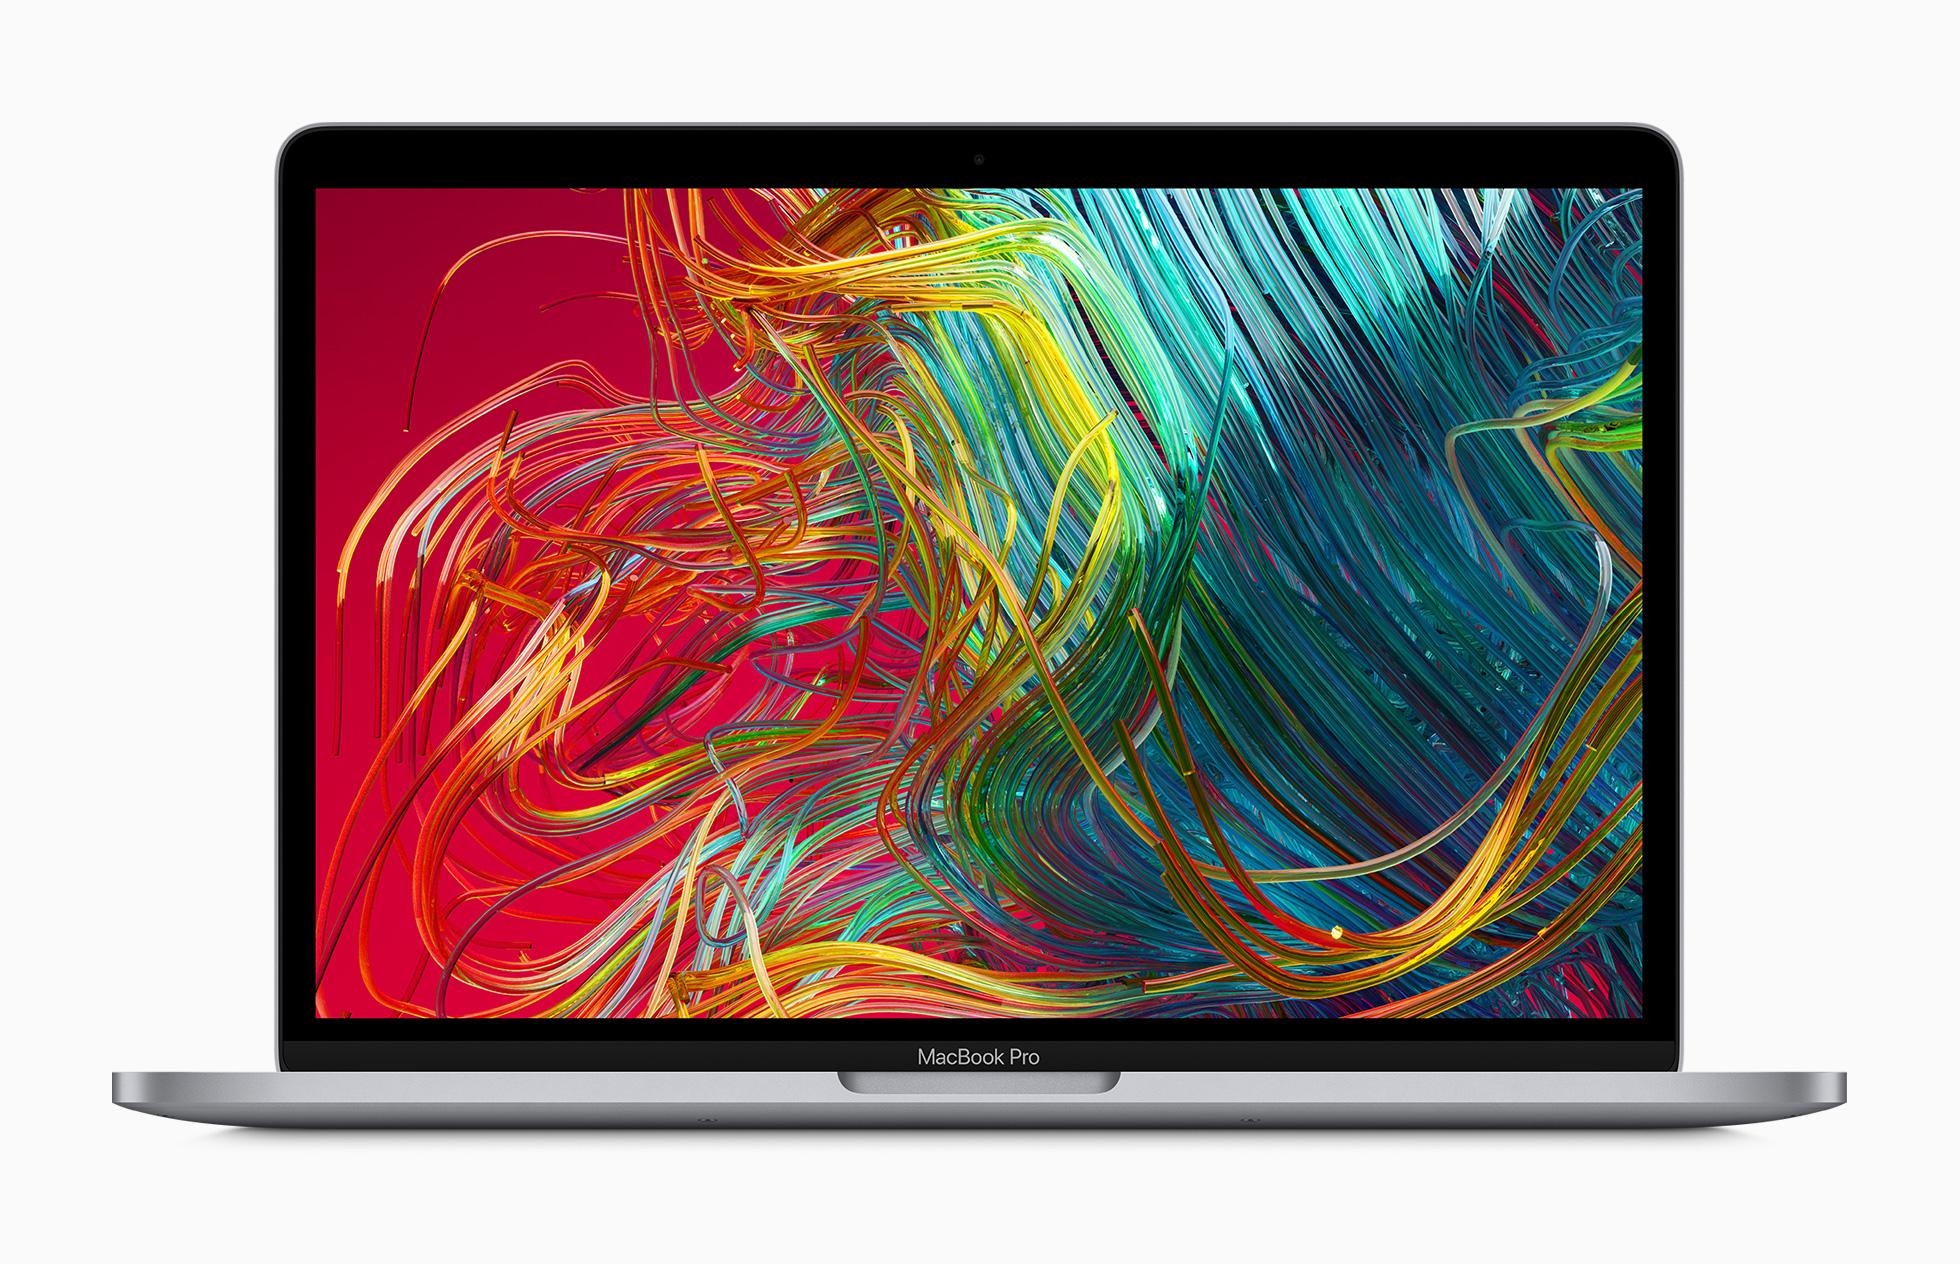 macbook pro 13 2020 specyfikacja 4